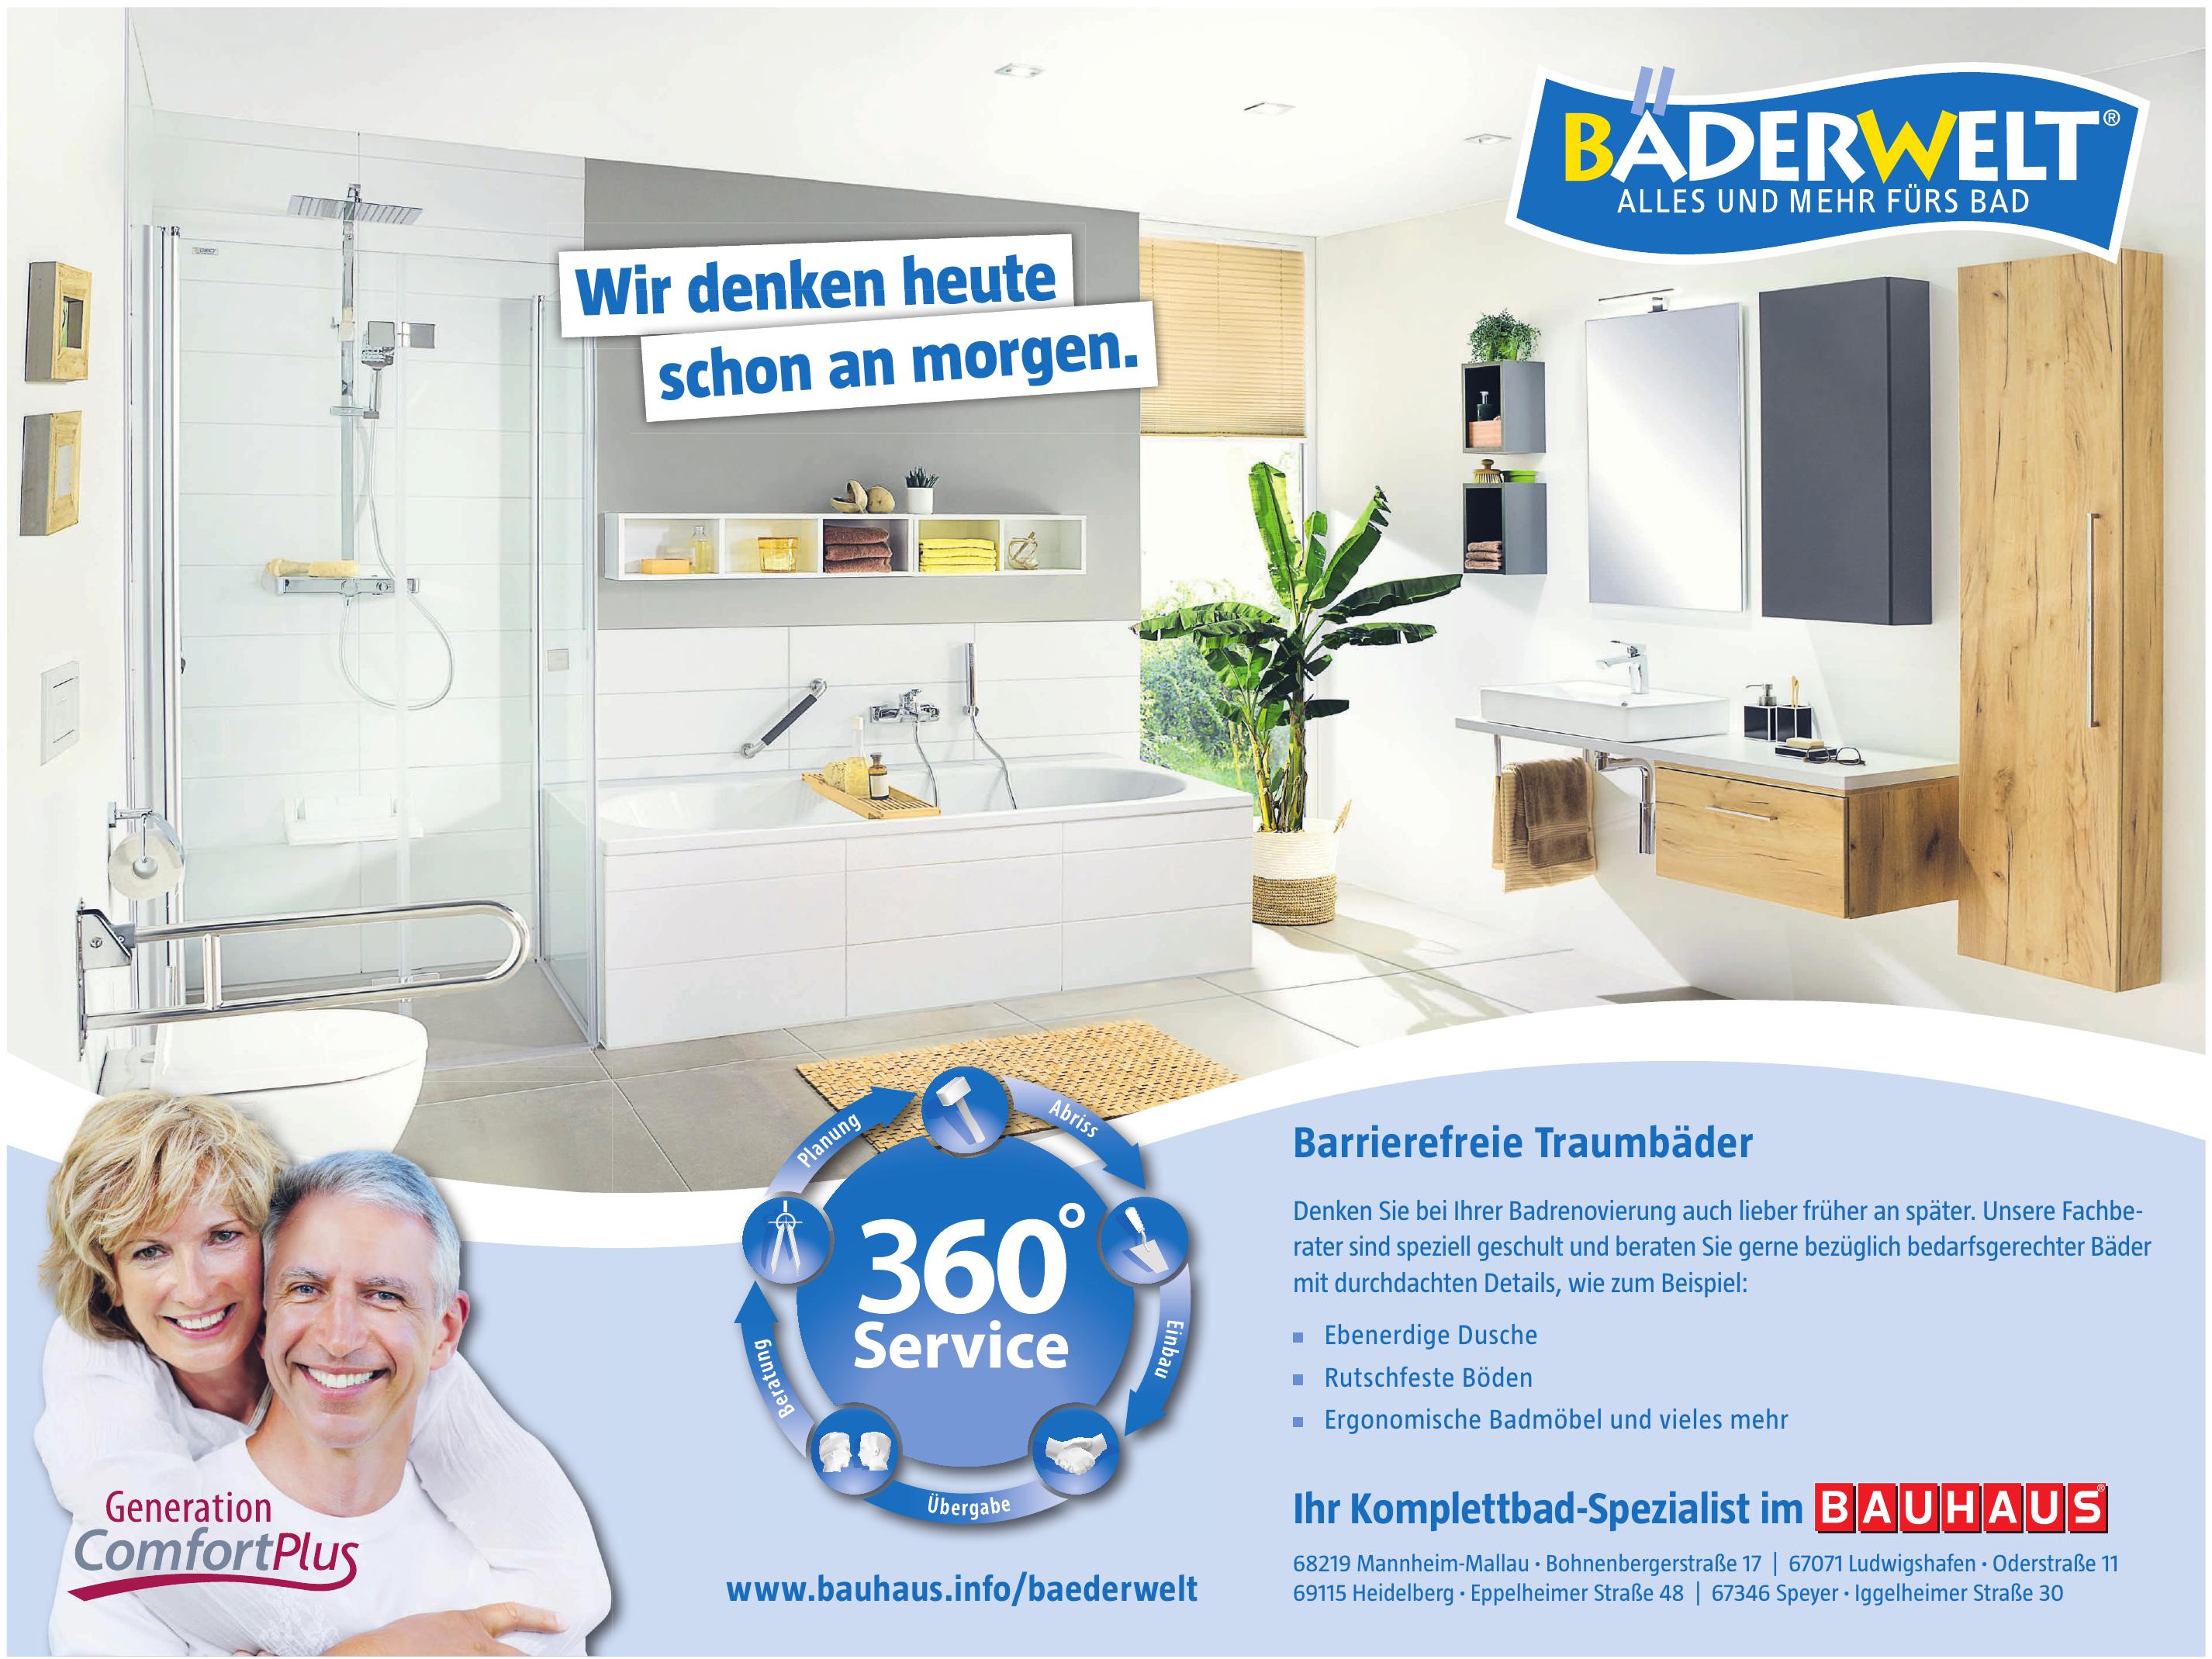 Bauhaus GmbH - Bäderwelt